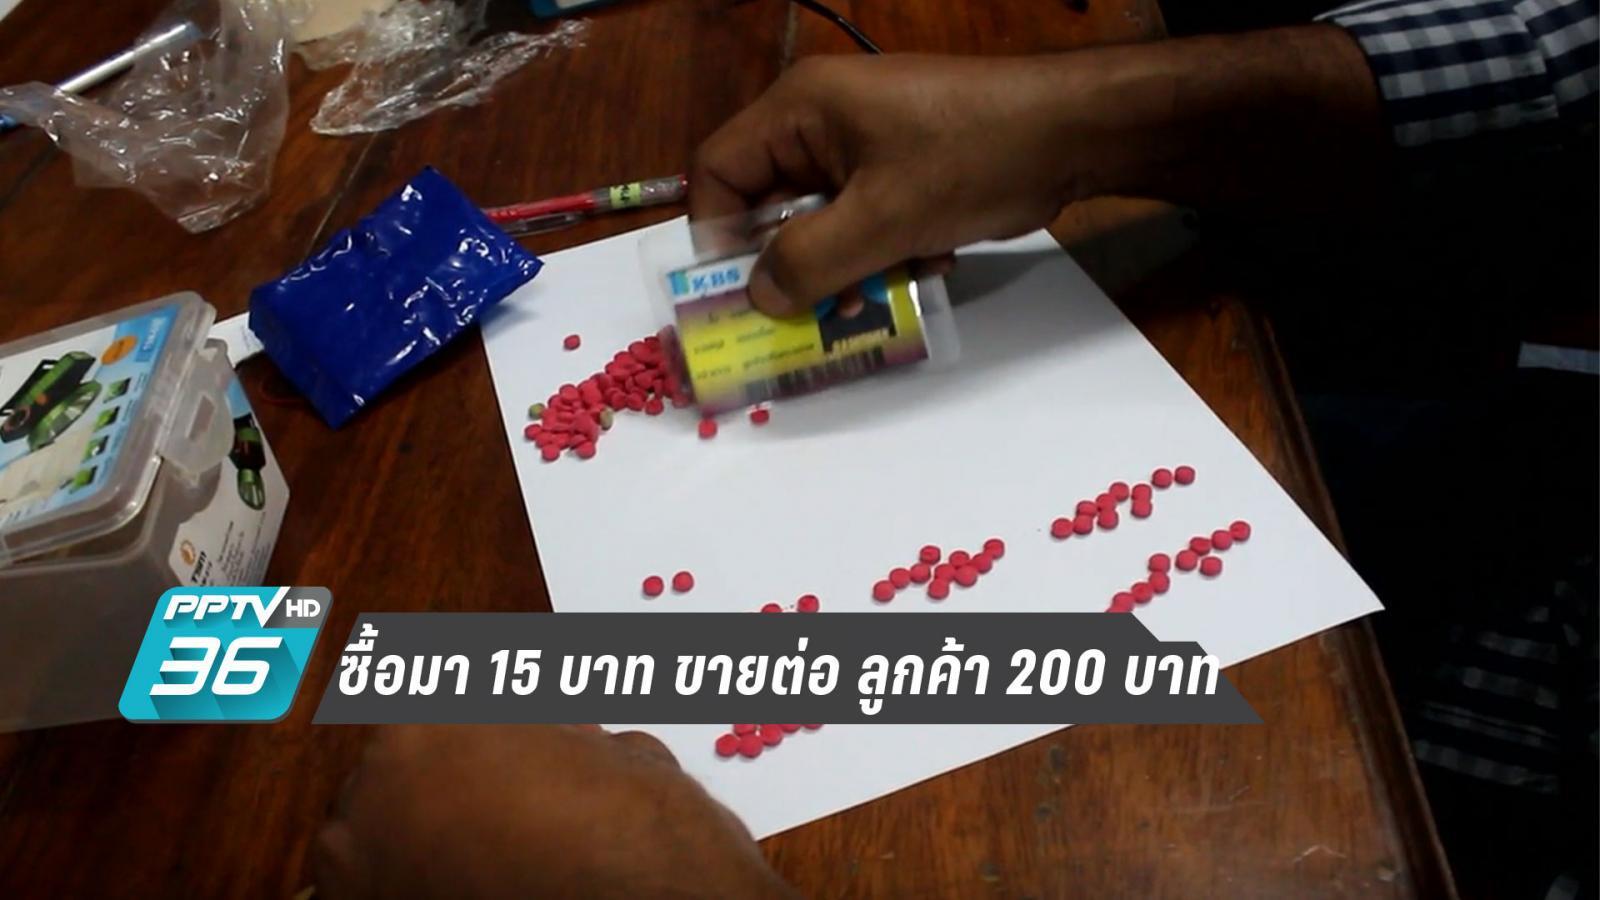 รวบพ่อค้ายาหัวใส สั่งซื้อยาบ้าเม็ดละ 15 บาท ขายเก็งกำไรเม็ดละ 200 บาท